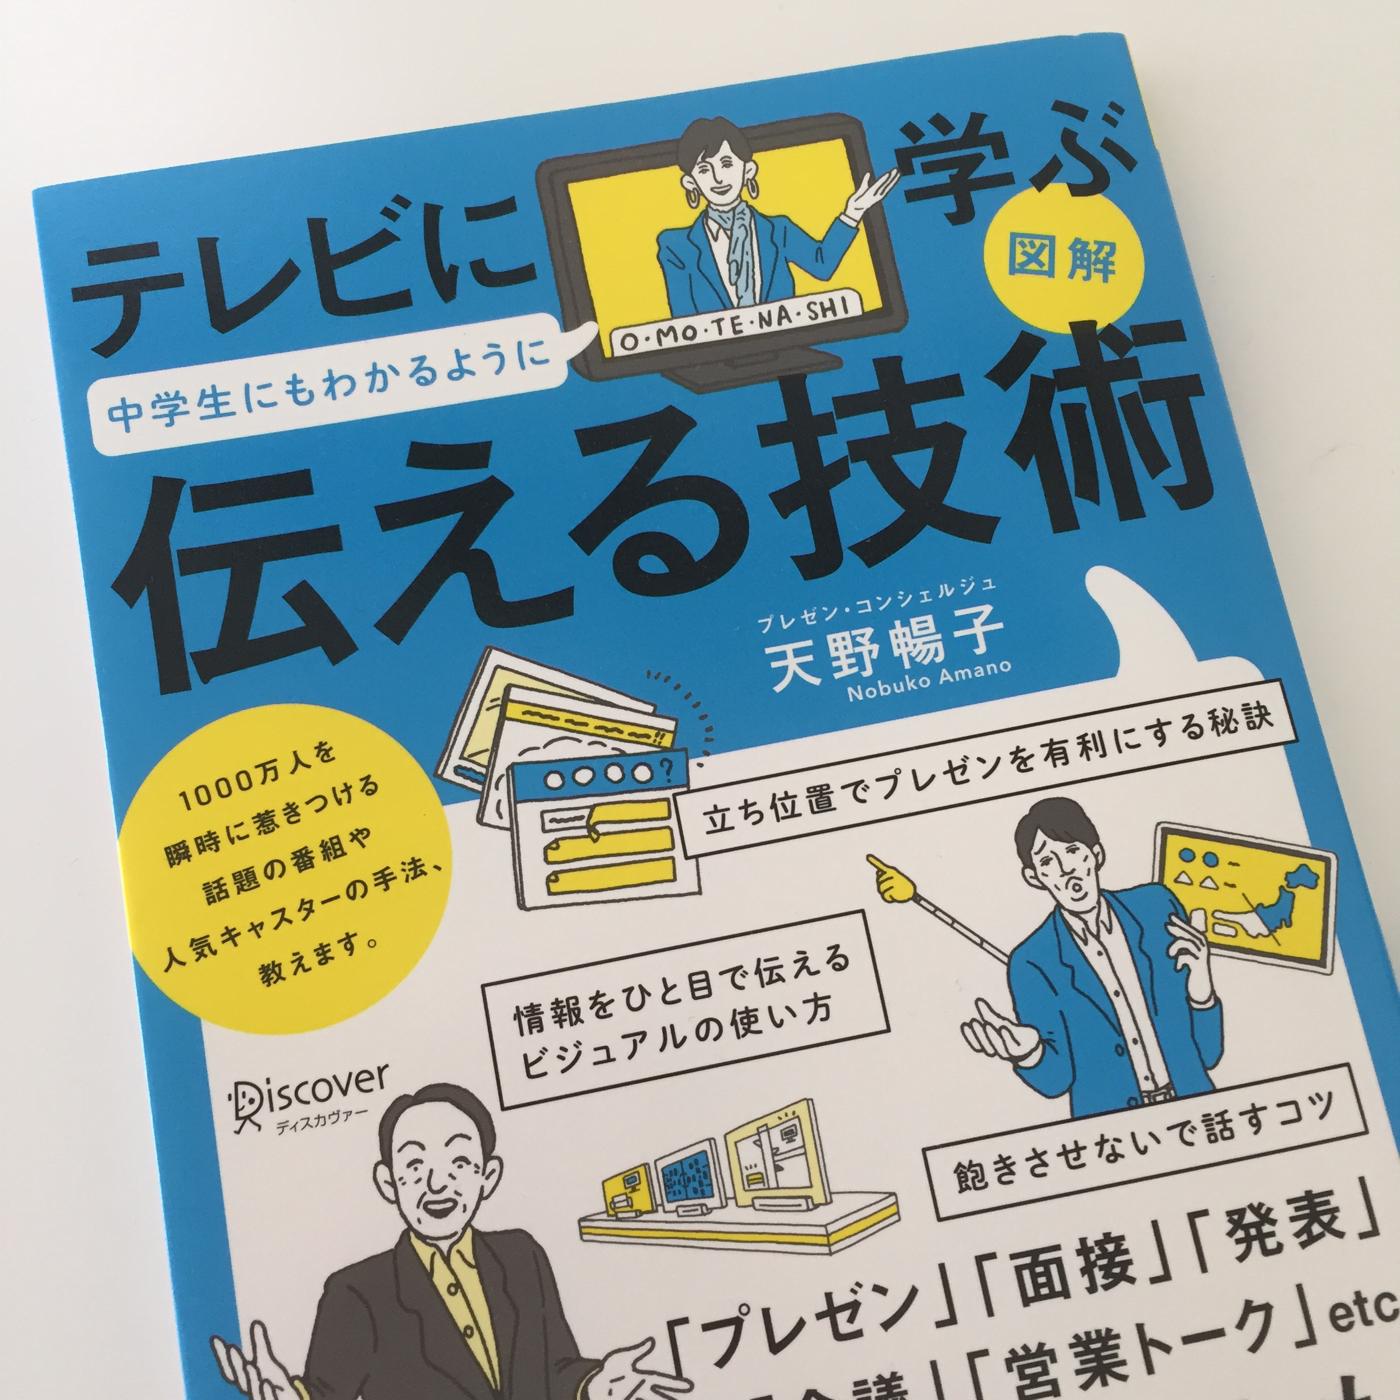 【書評】テレビに学ぶ中学生にもわかるように伝える技術 (天野 暢子さん:著)